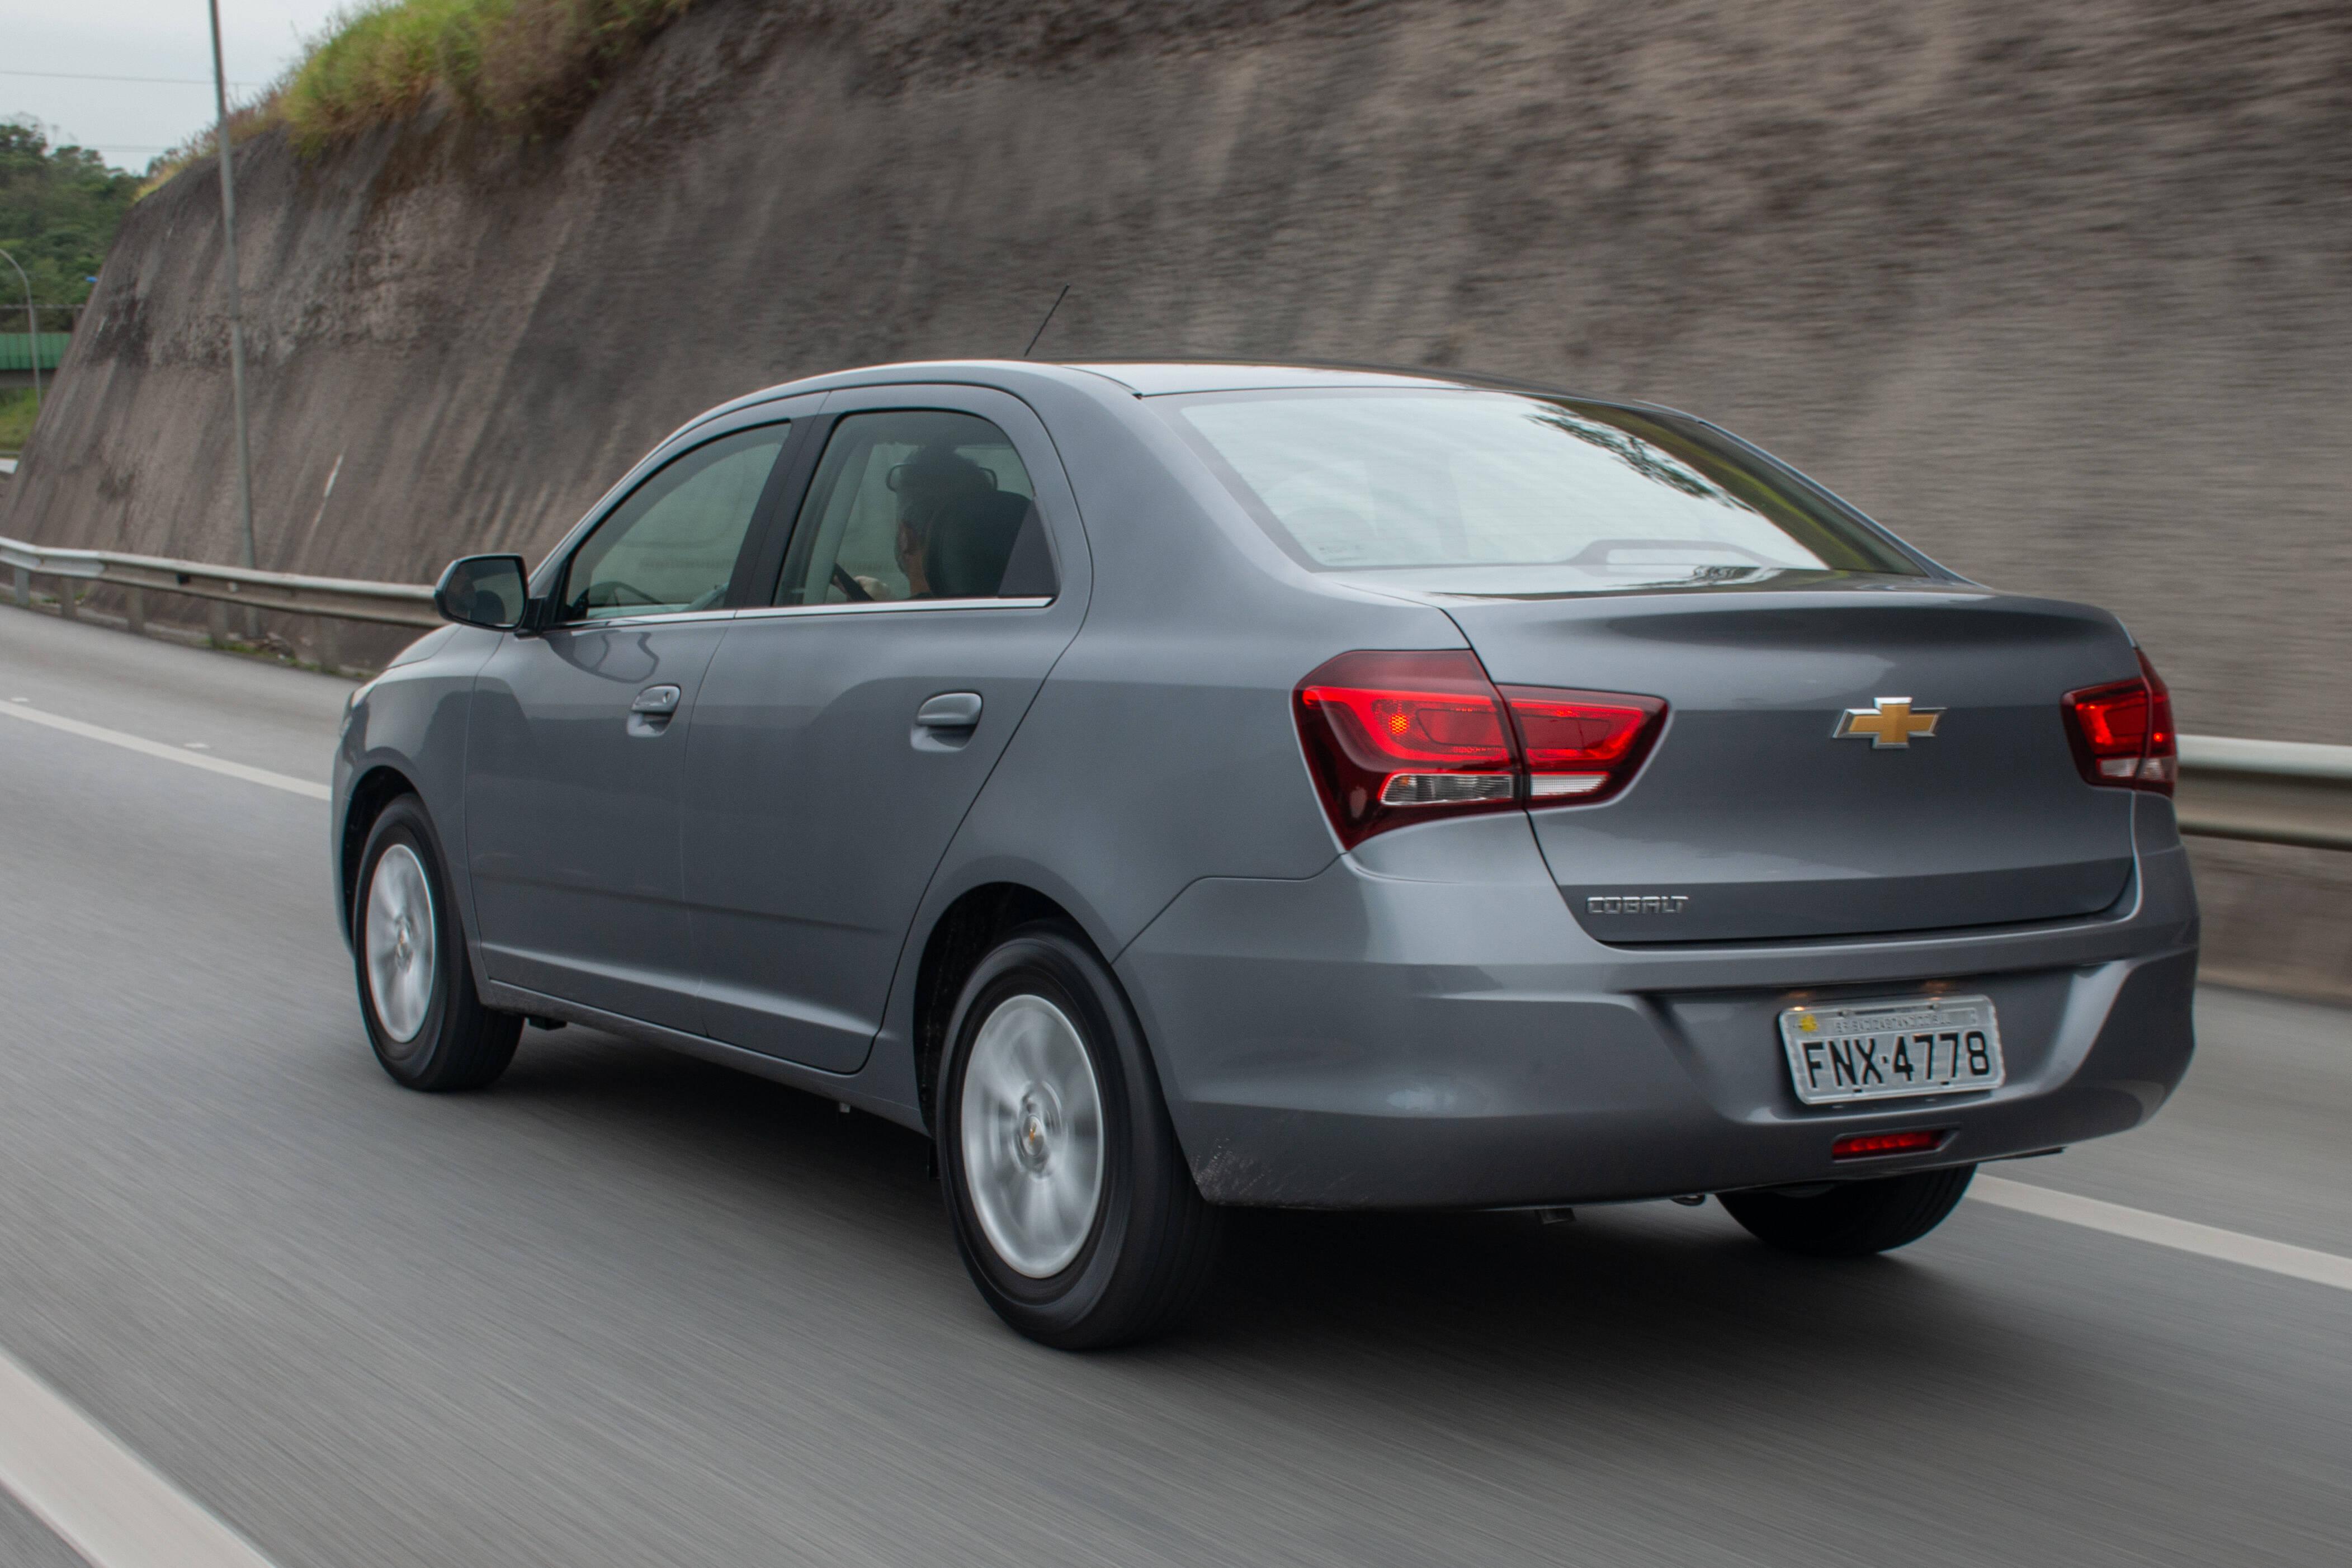 Chevrolet Cobalt 2019. Foto: Divulgação